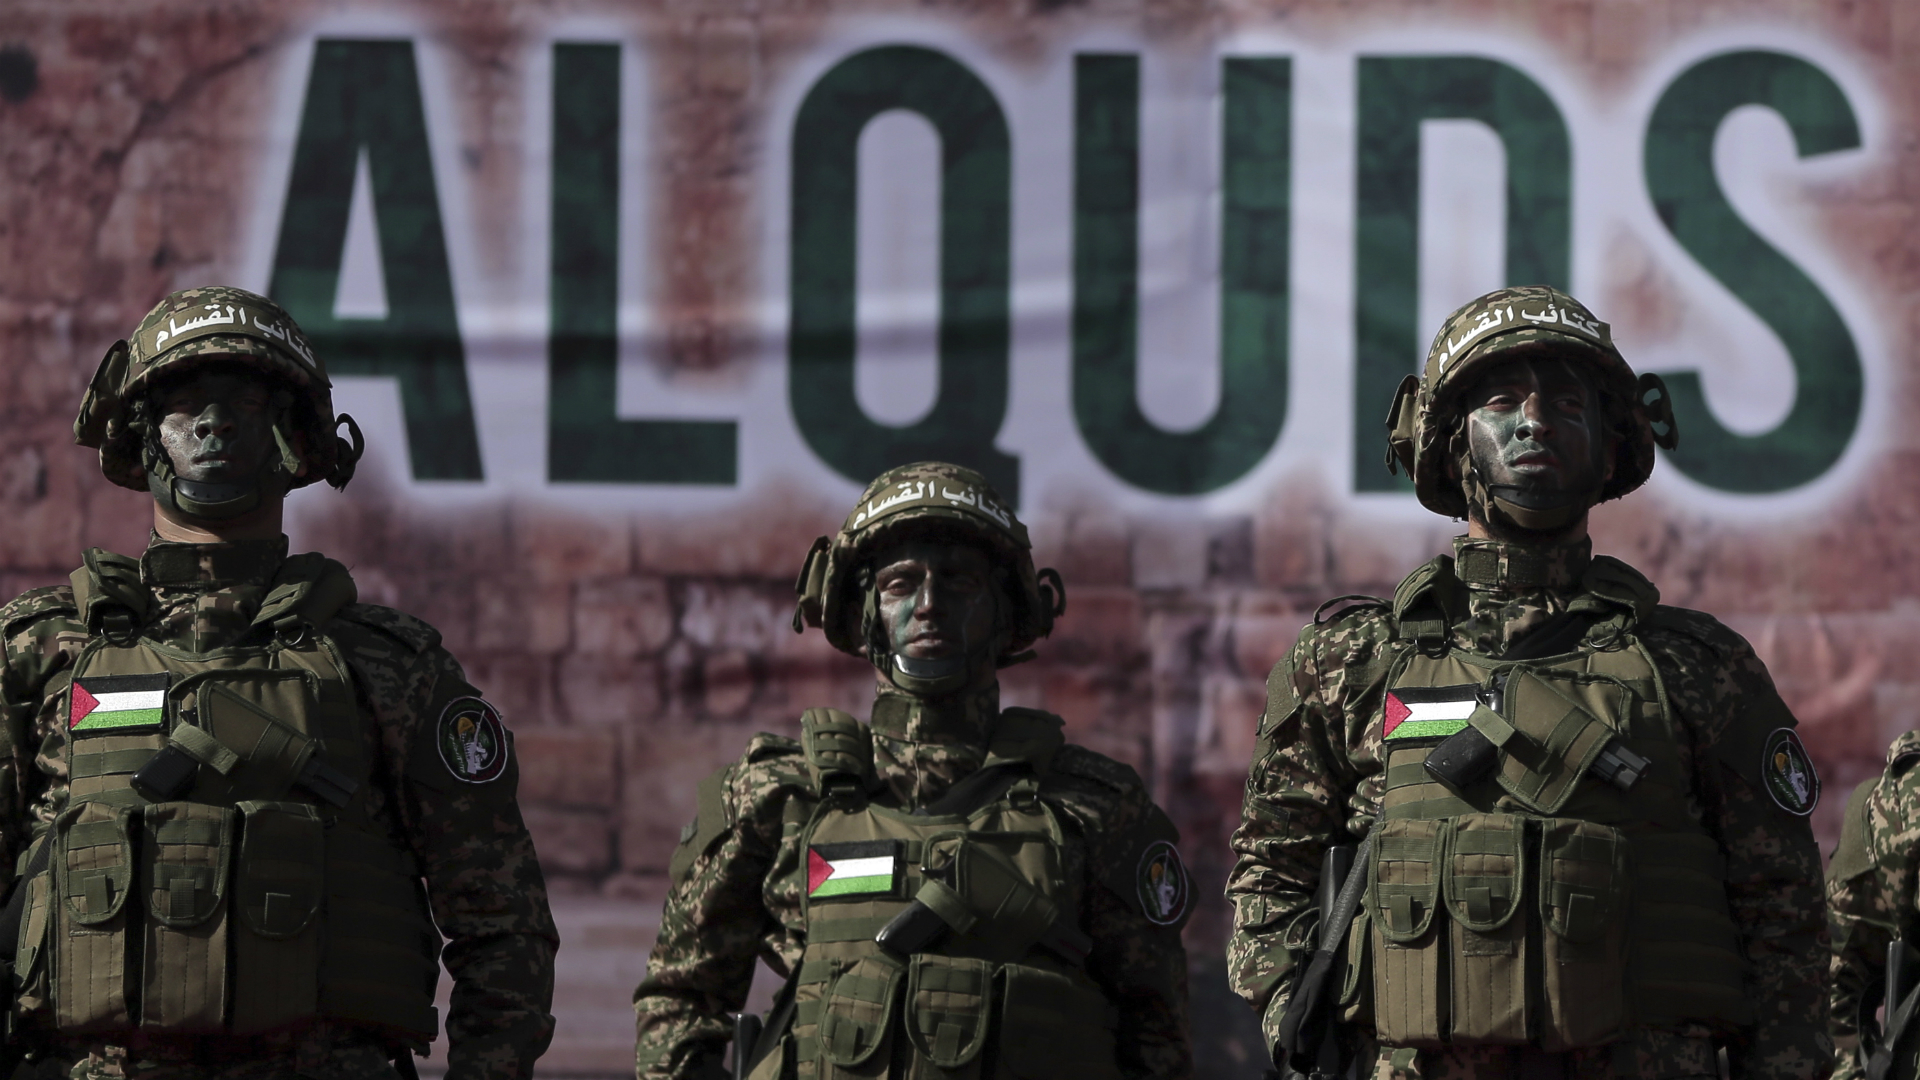 Tres militantes de Hamas con una inscripción, Al Quds, que se refiere al nombre que los musulmanes dan a Jerusalén (AP)